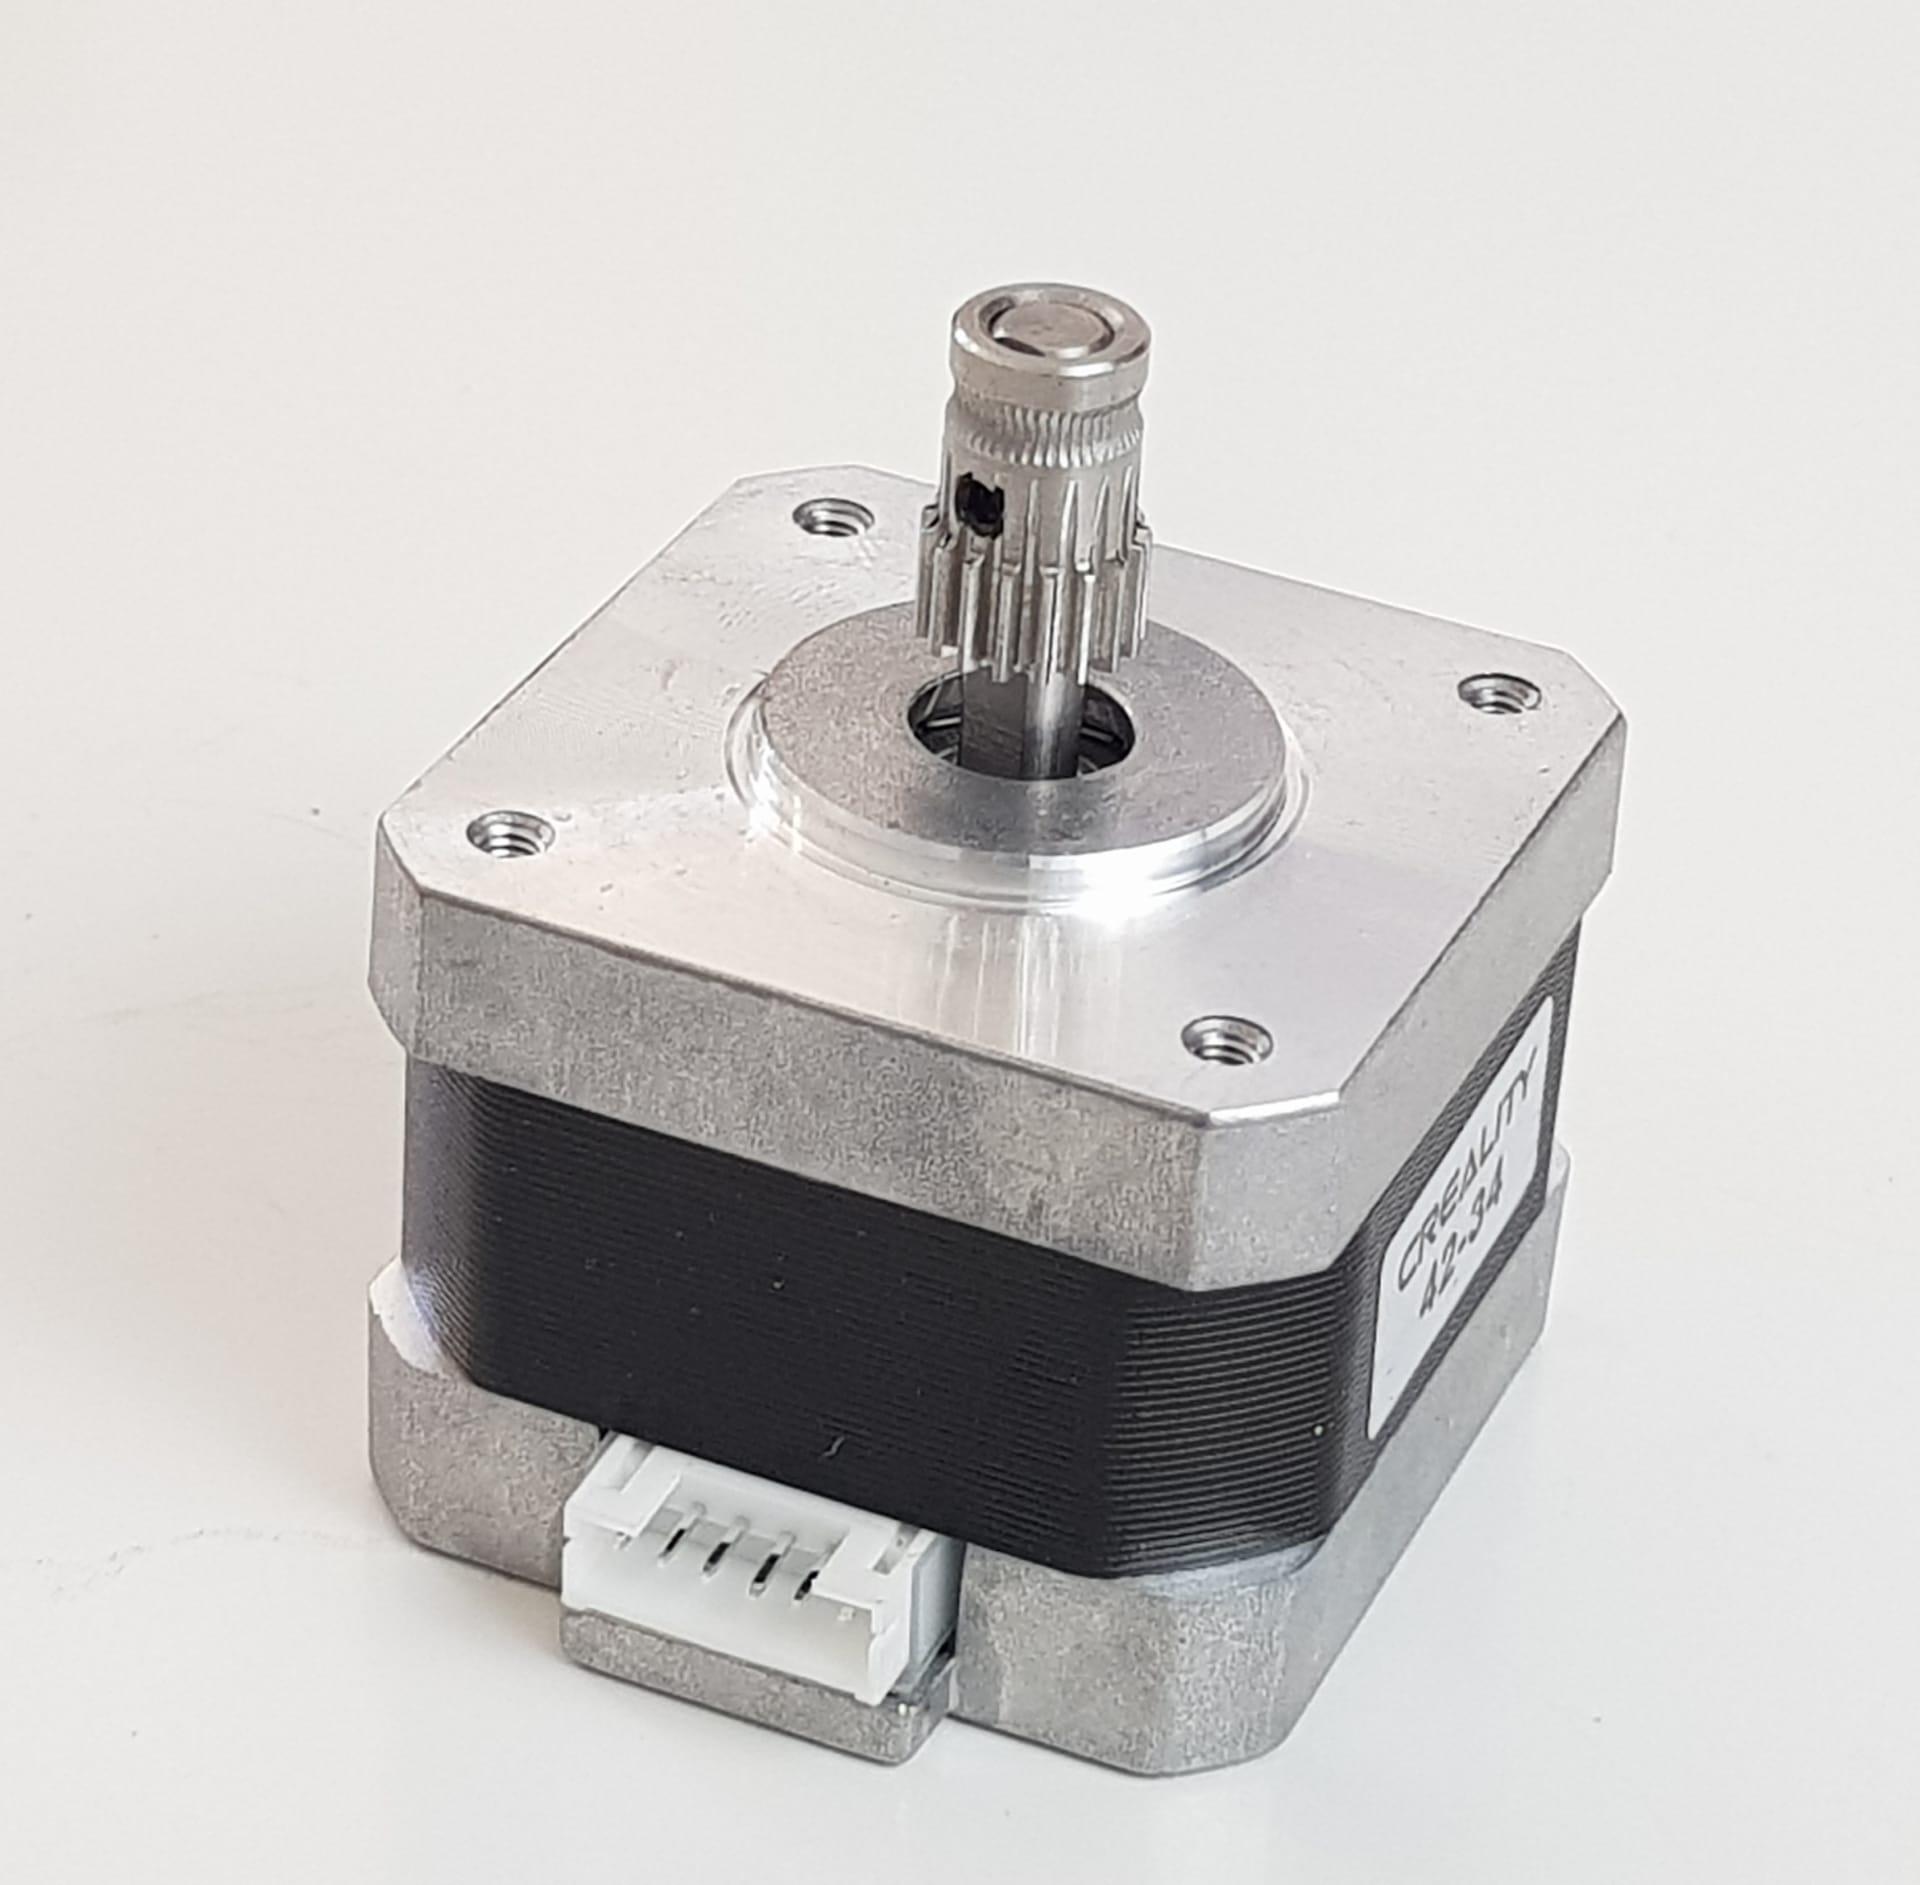 Alimentador em alumínio Creality Ender e Cr10 Dual Gear